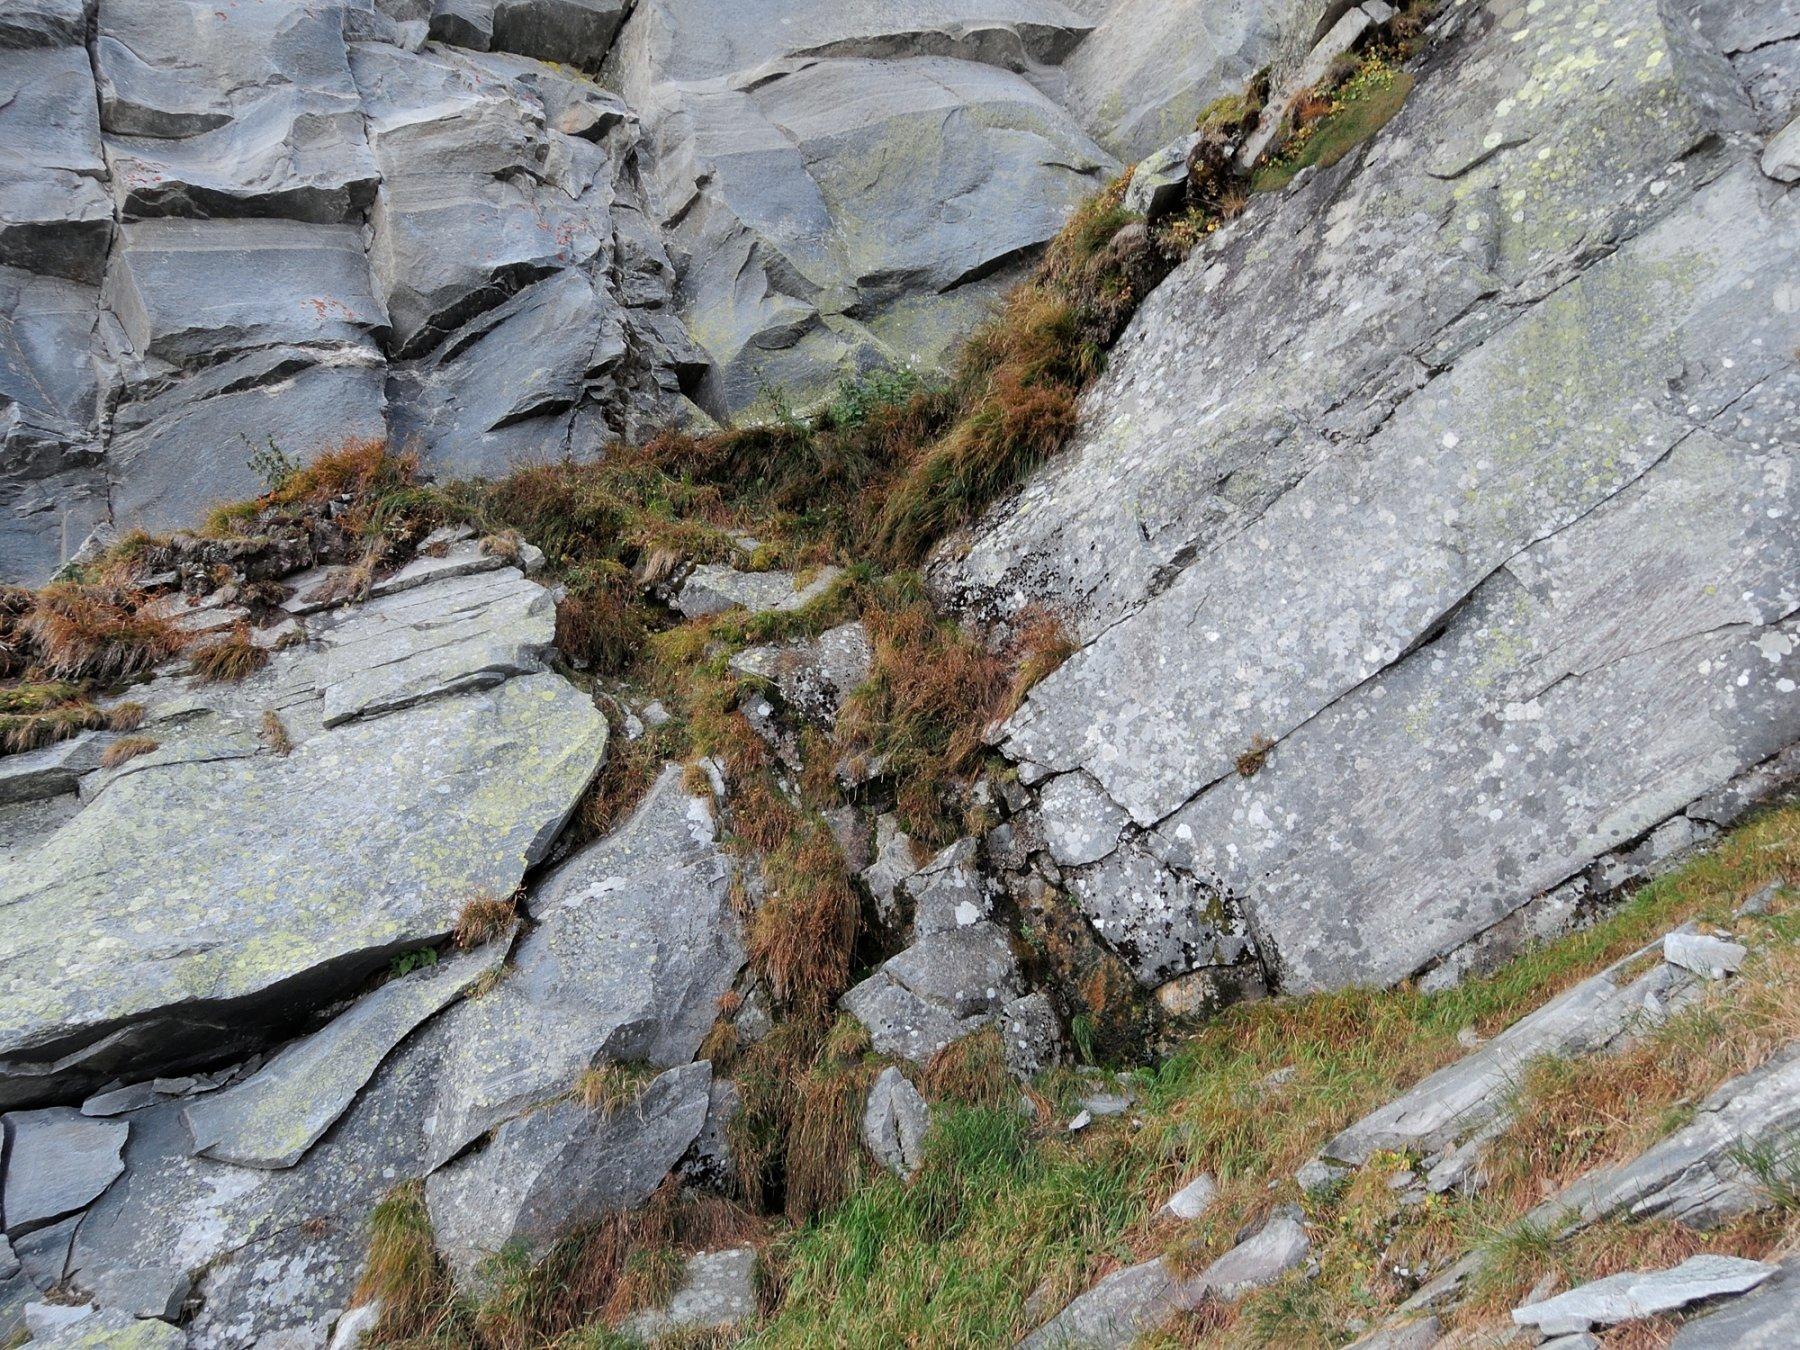 Salto di roccia per raggiungere la forcella